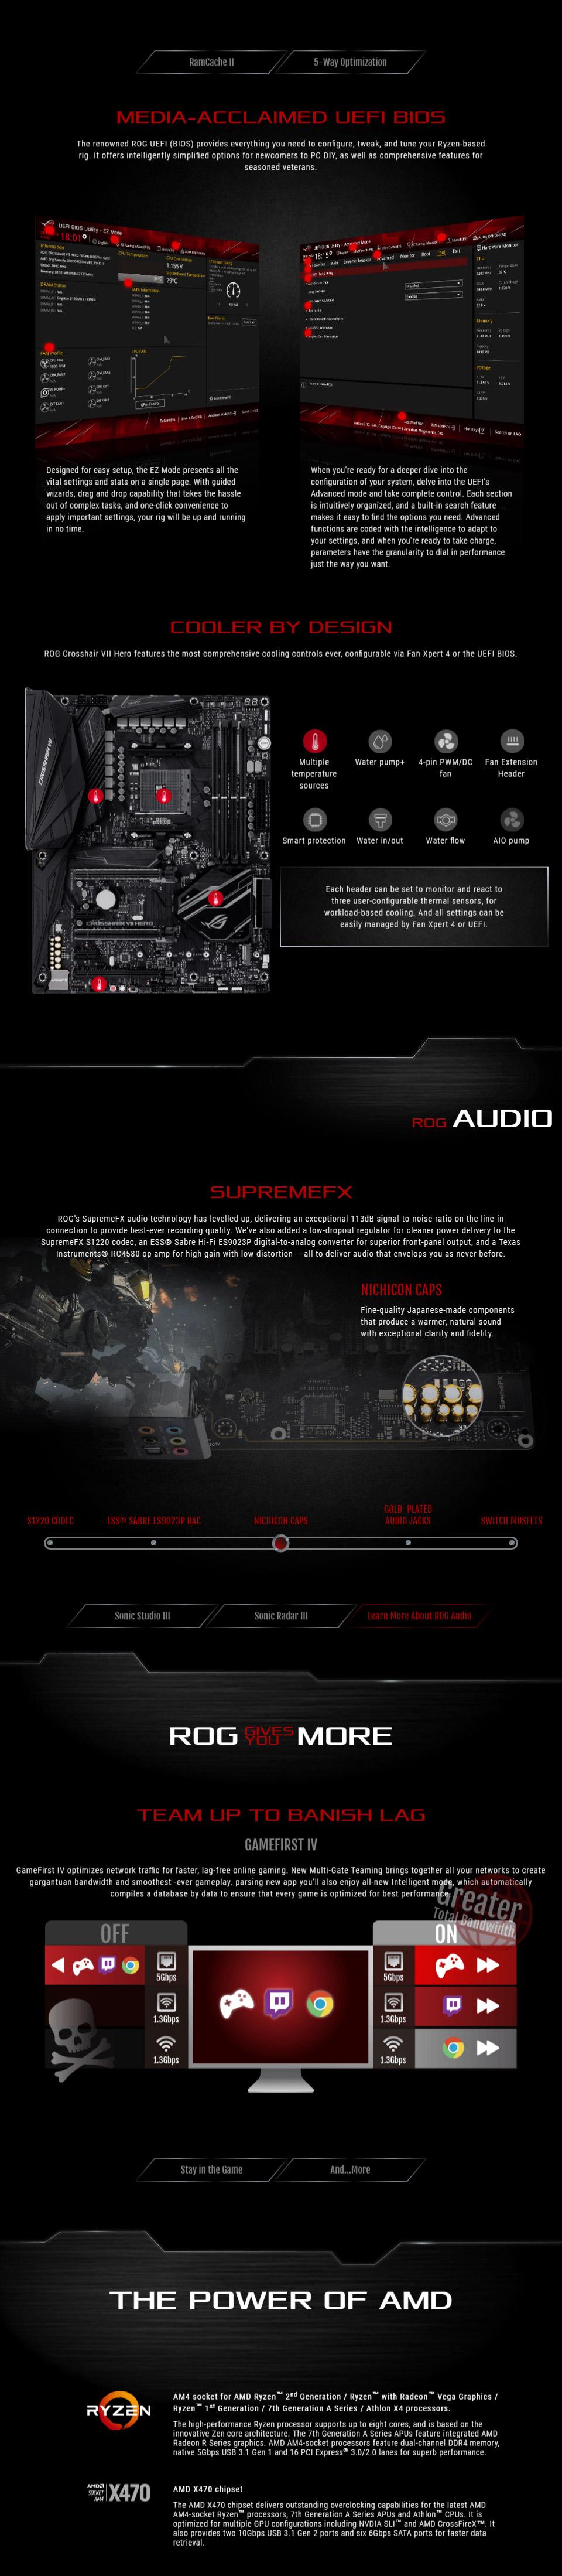 ASUS ROG Crosshair VII Hero Motherboard with Wi-Fi [ROG